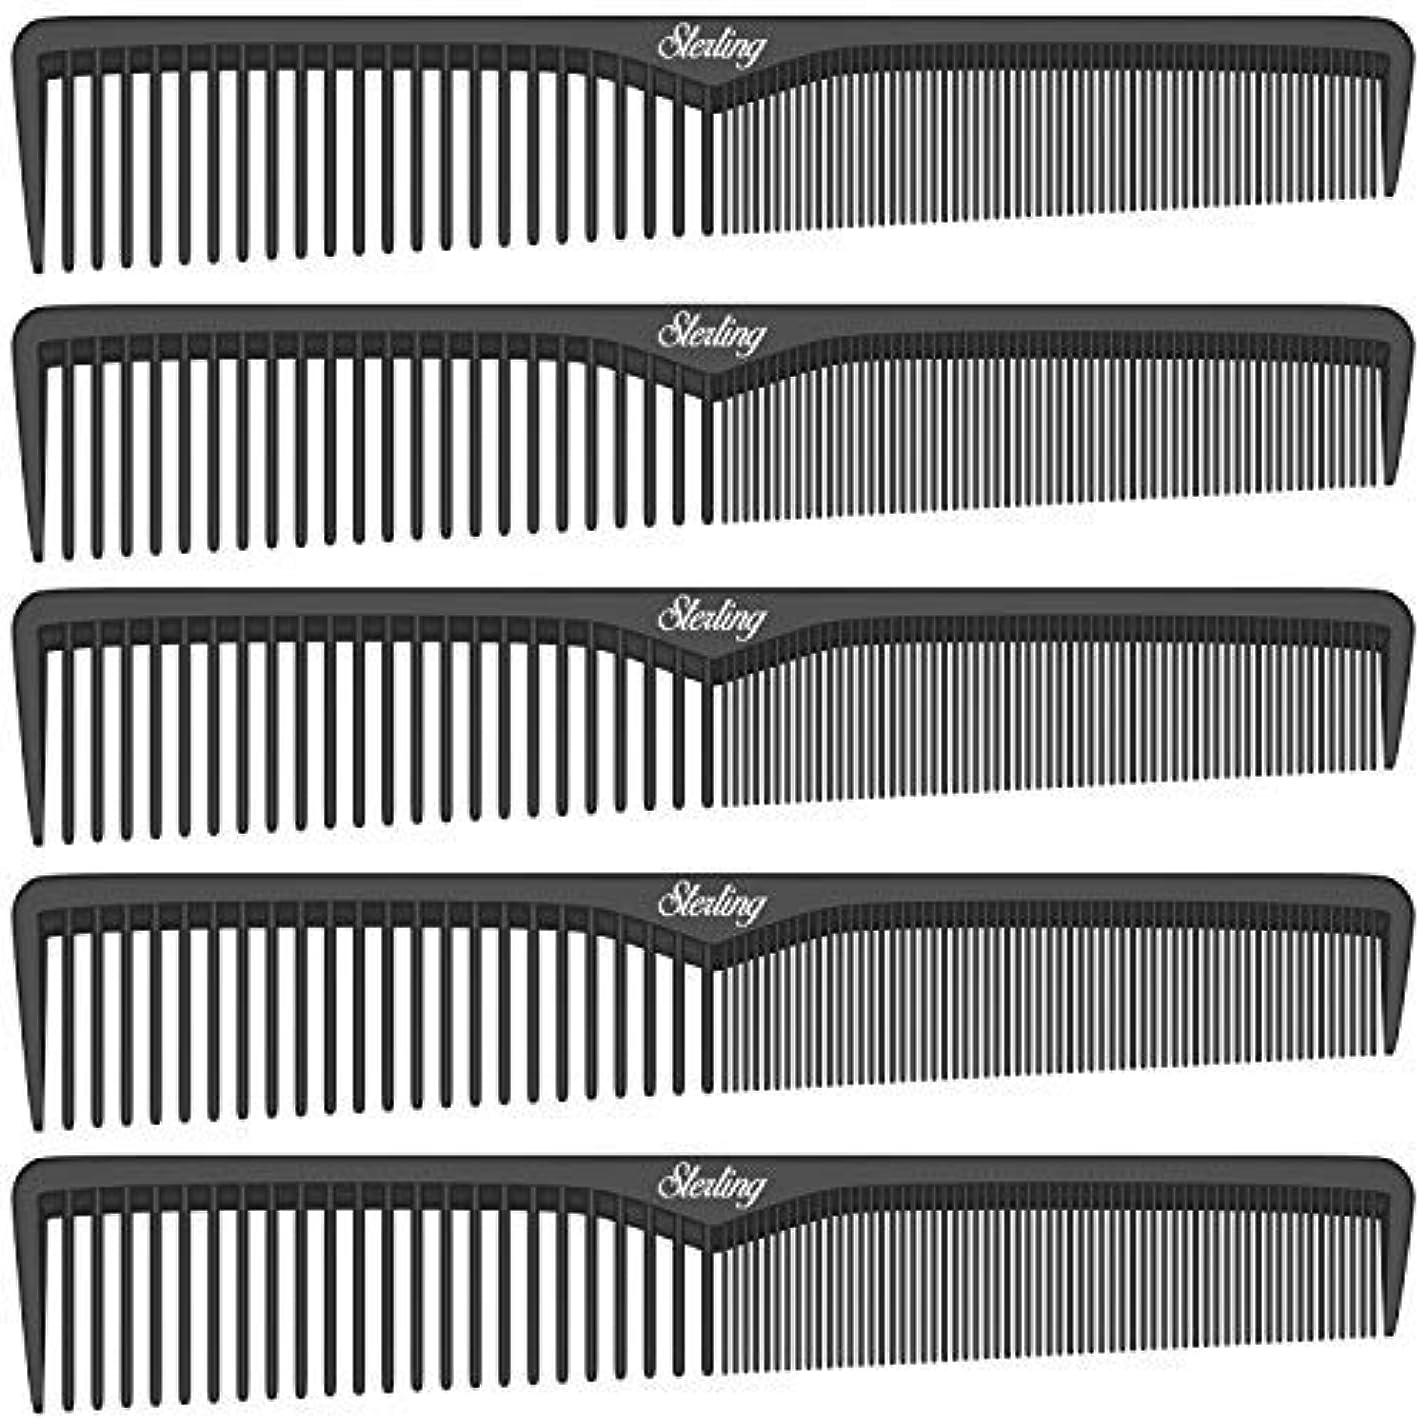 死長いです肌Sterling Beauty Tools Styling Combs, Professional 7